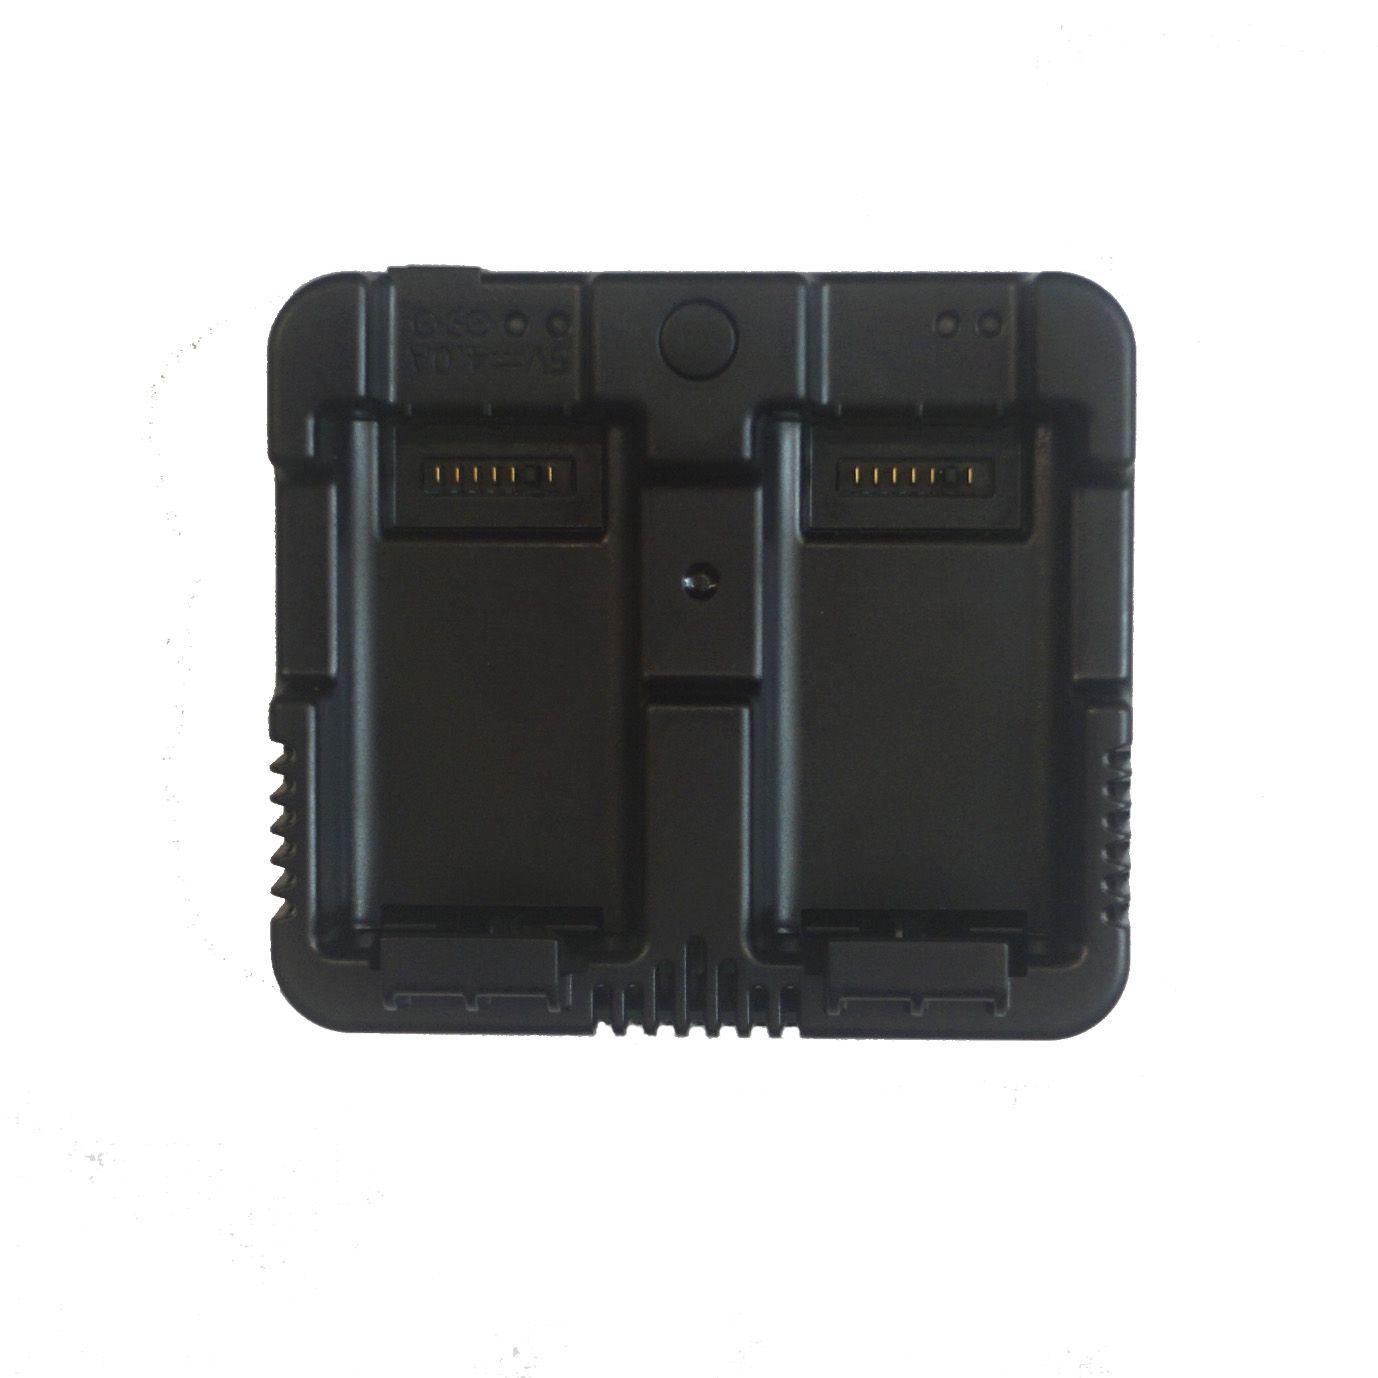 Berço de carregador de baterias para Estação total FOCUS 6/8